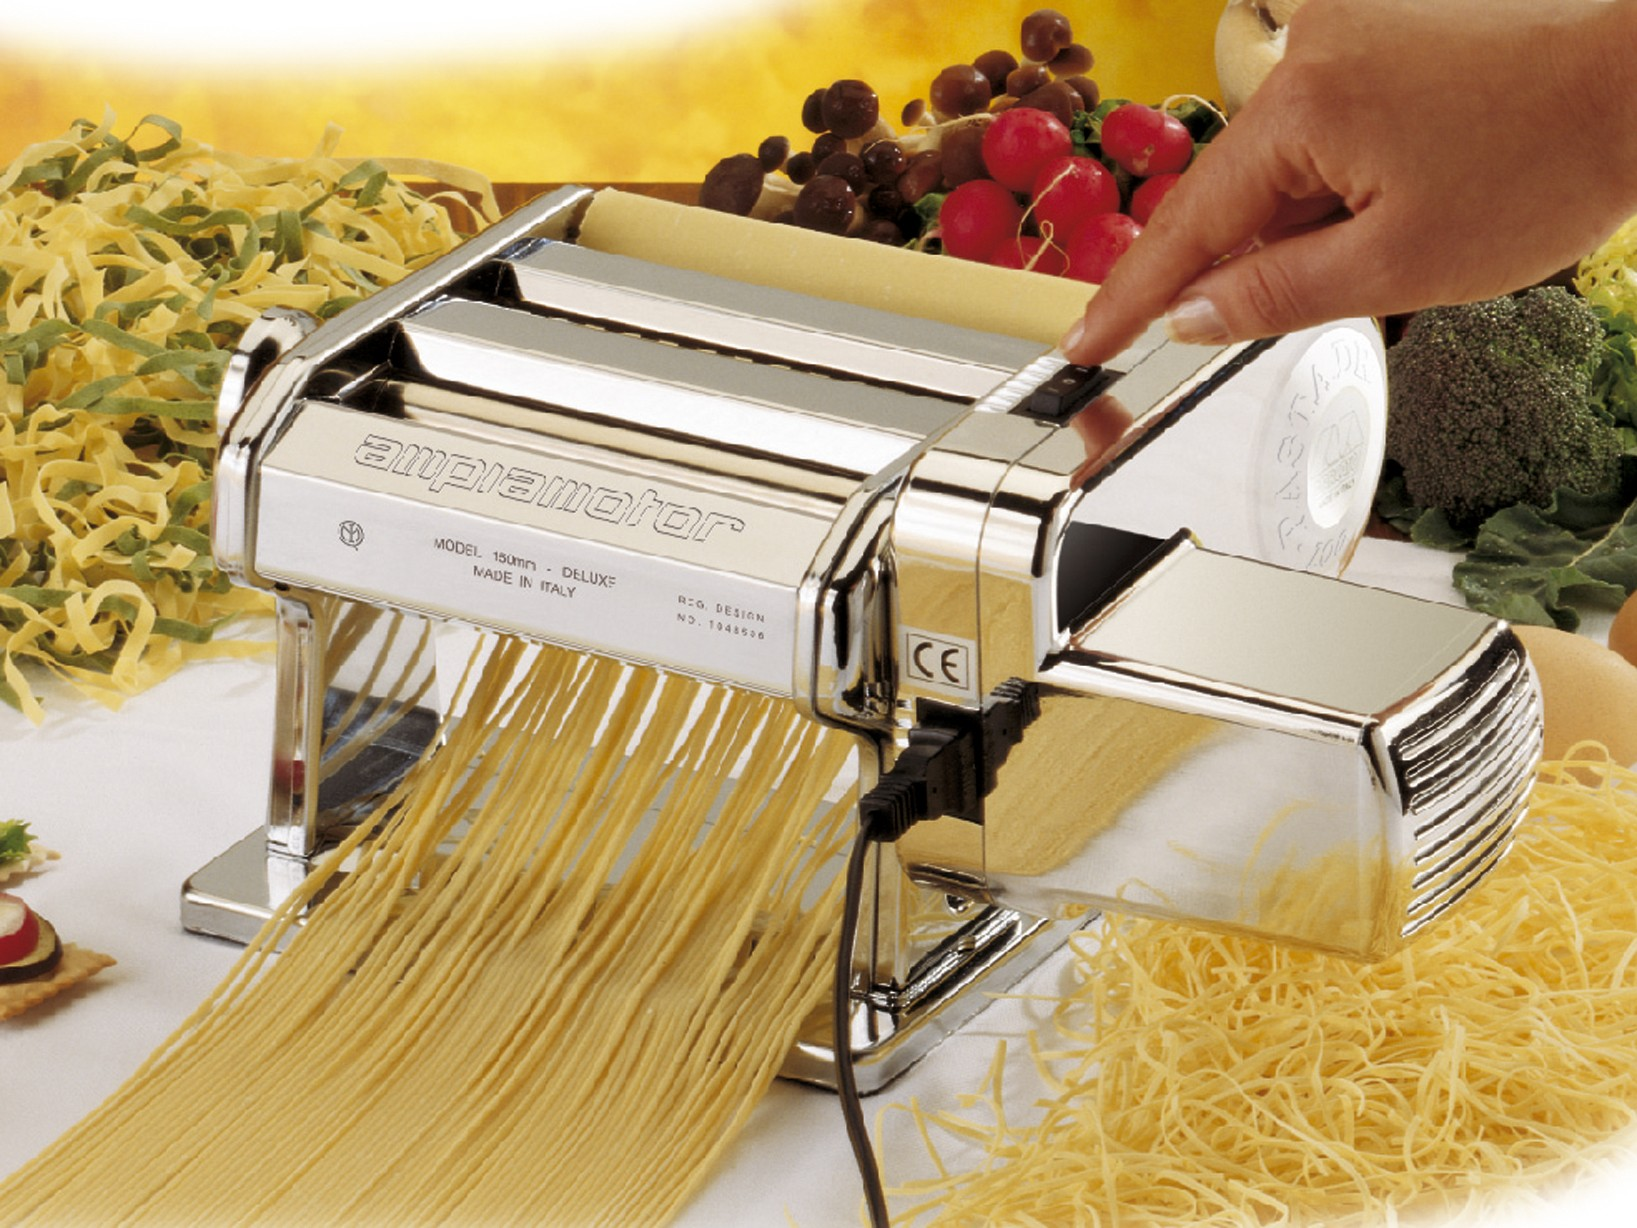 Migliore macchina per pasta economica per cucinare a casa - Macchina per cucinare ...